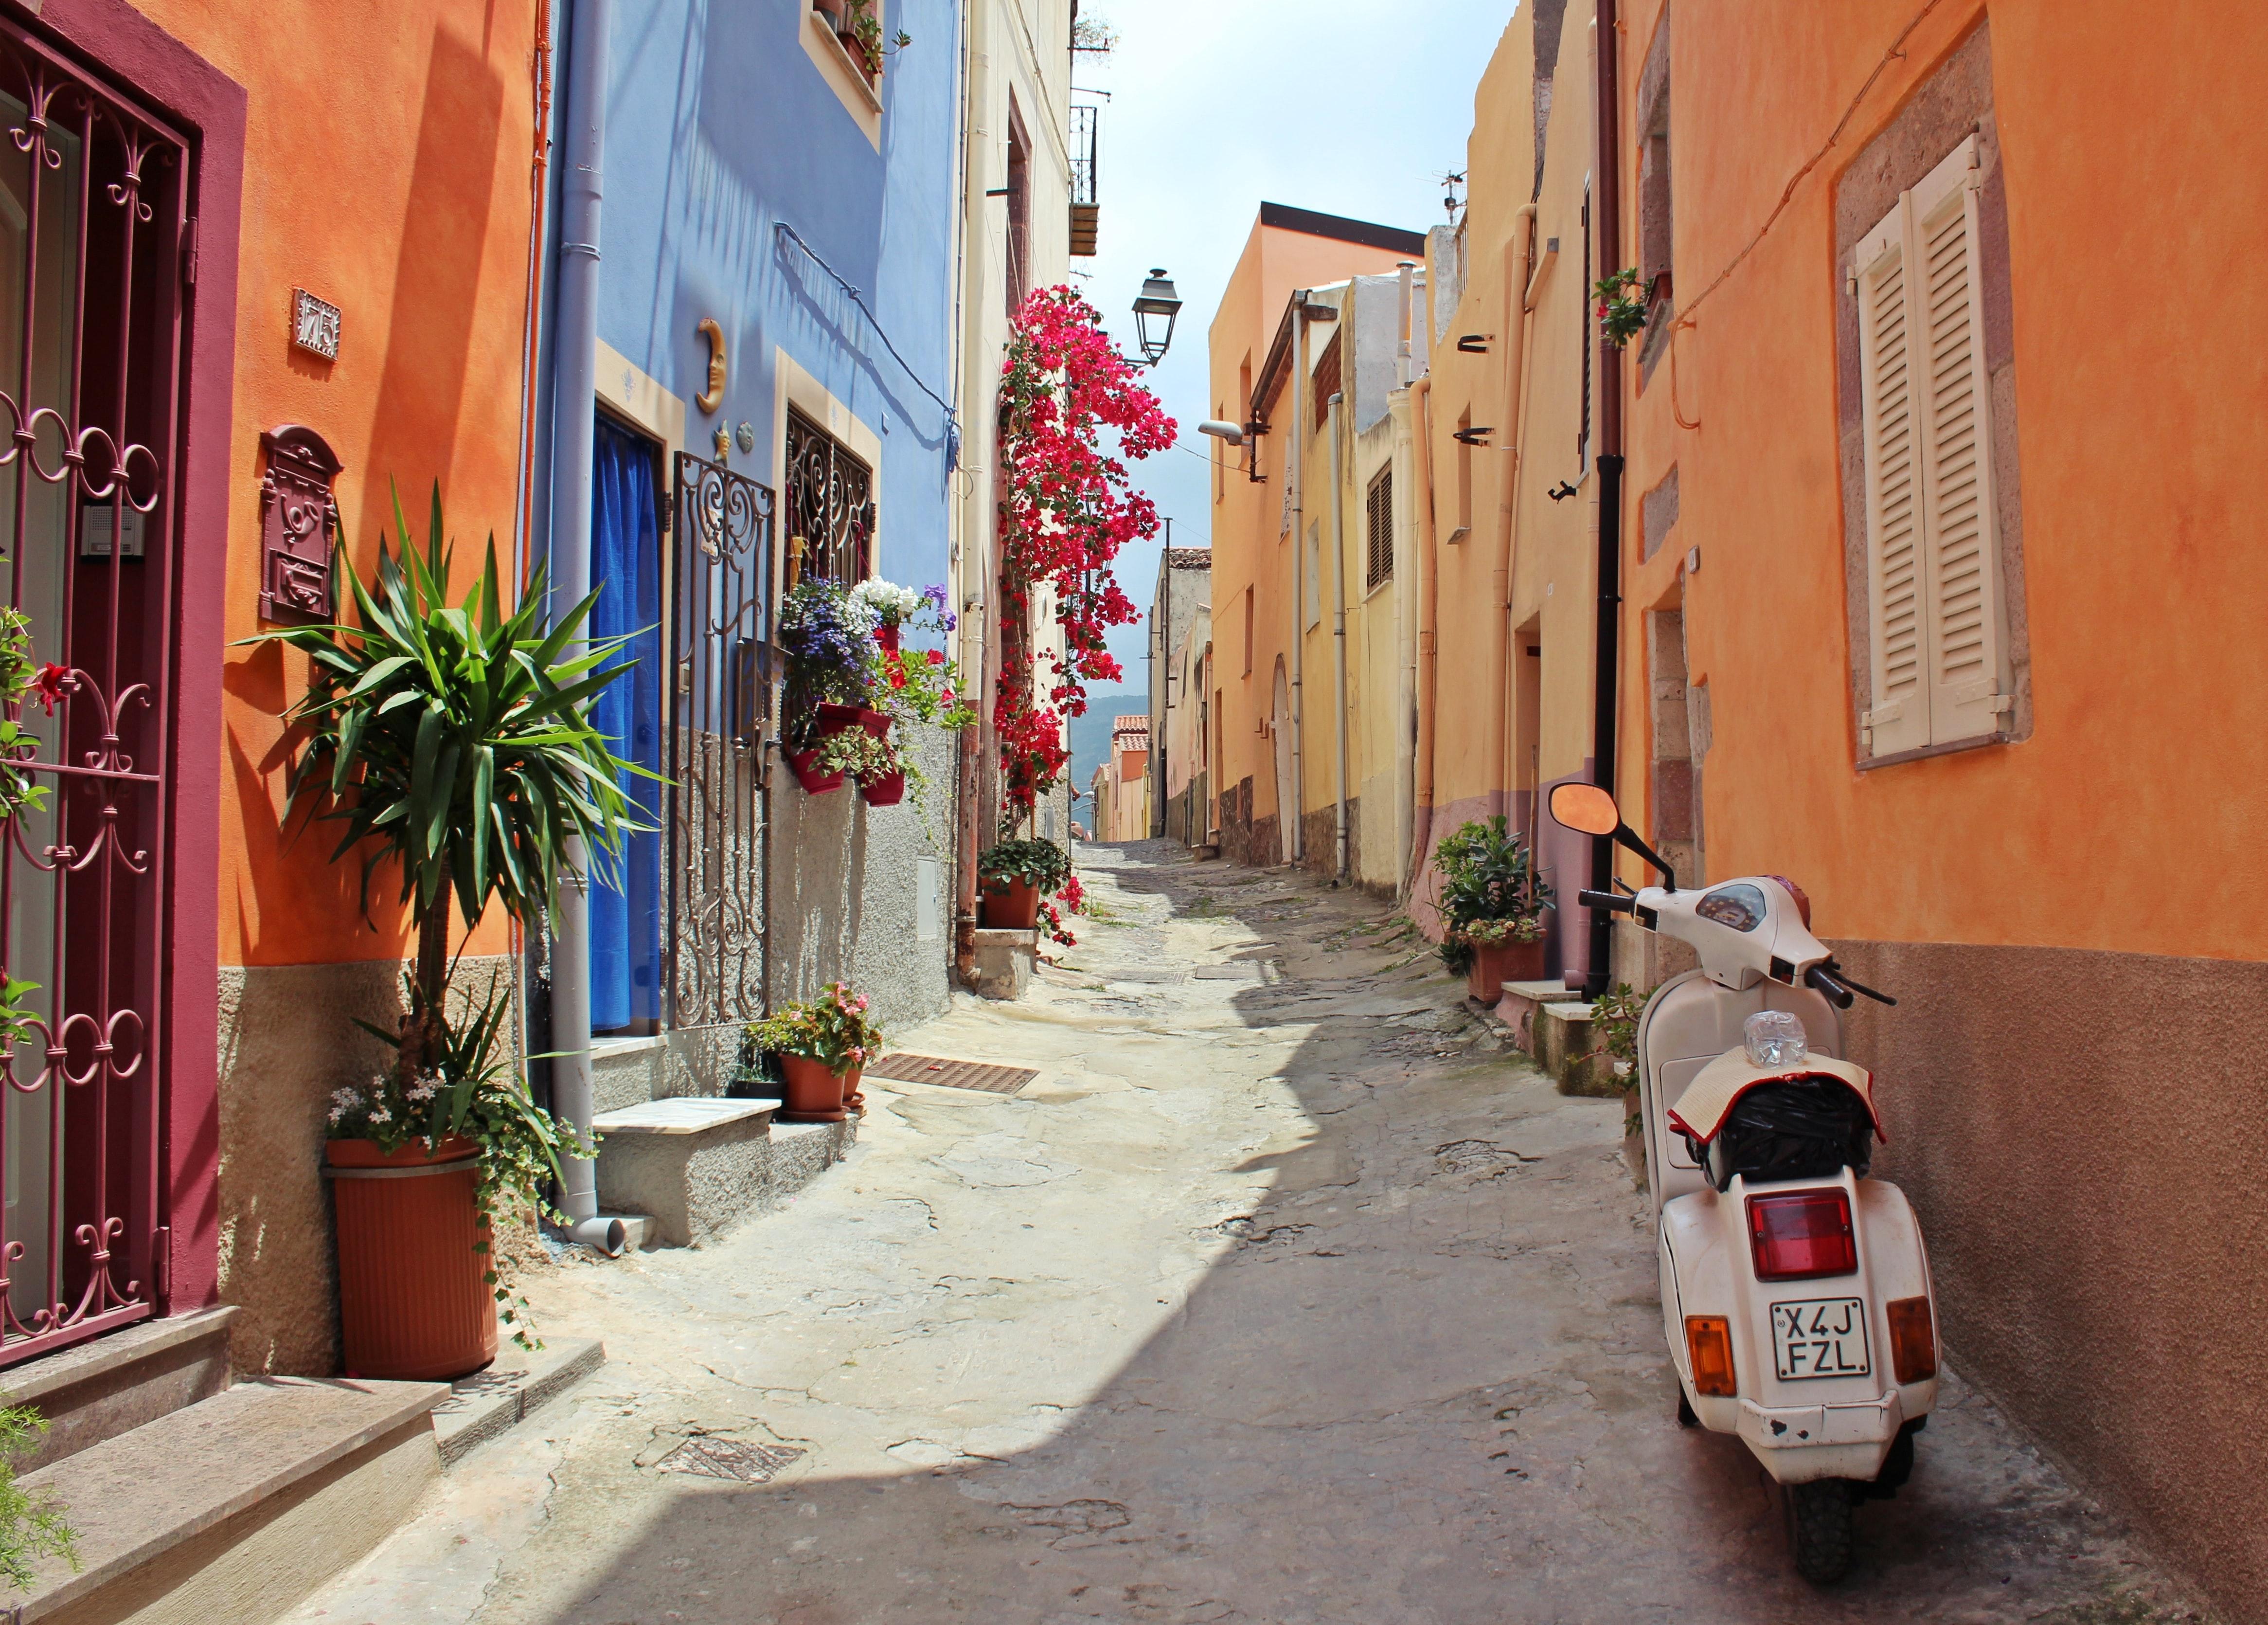 Unde aleg cetățenii străini să locuiască în Italia? — idealista